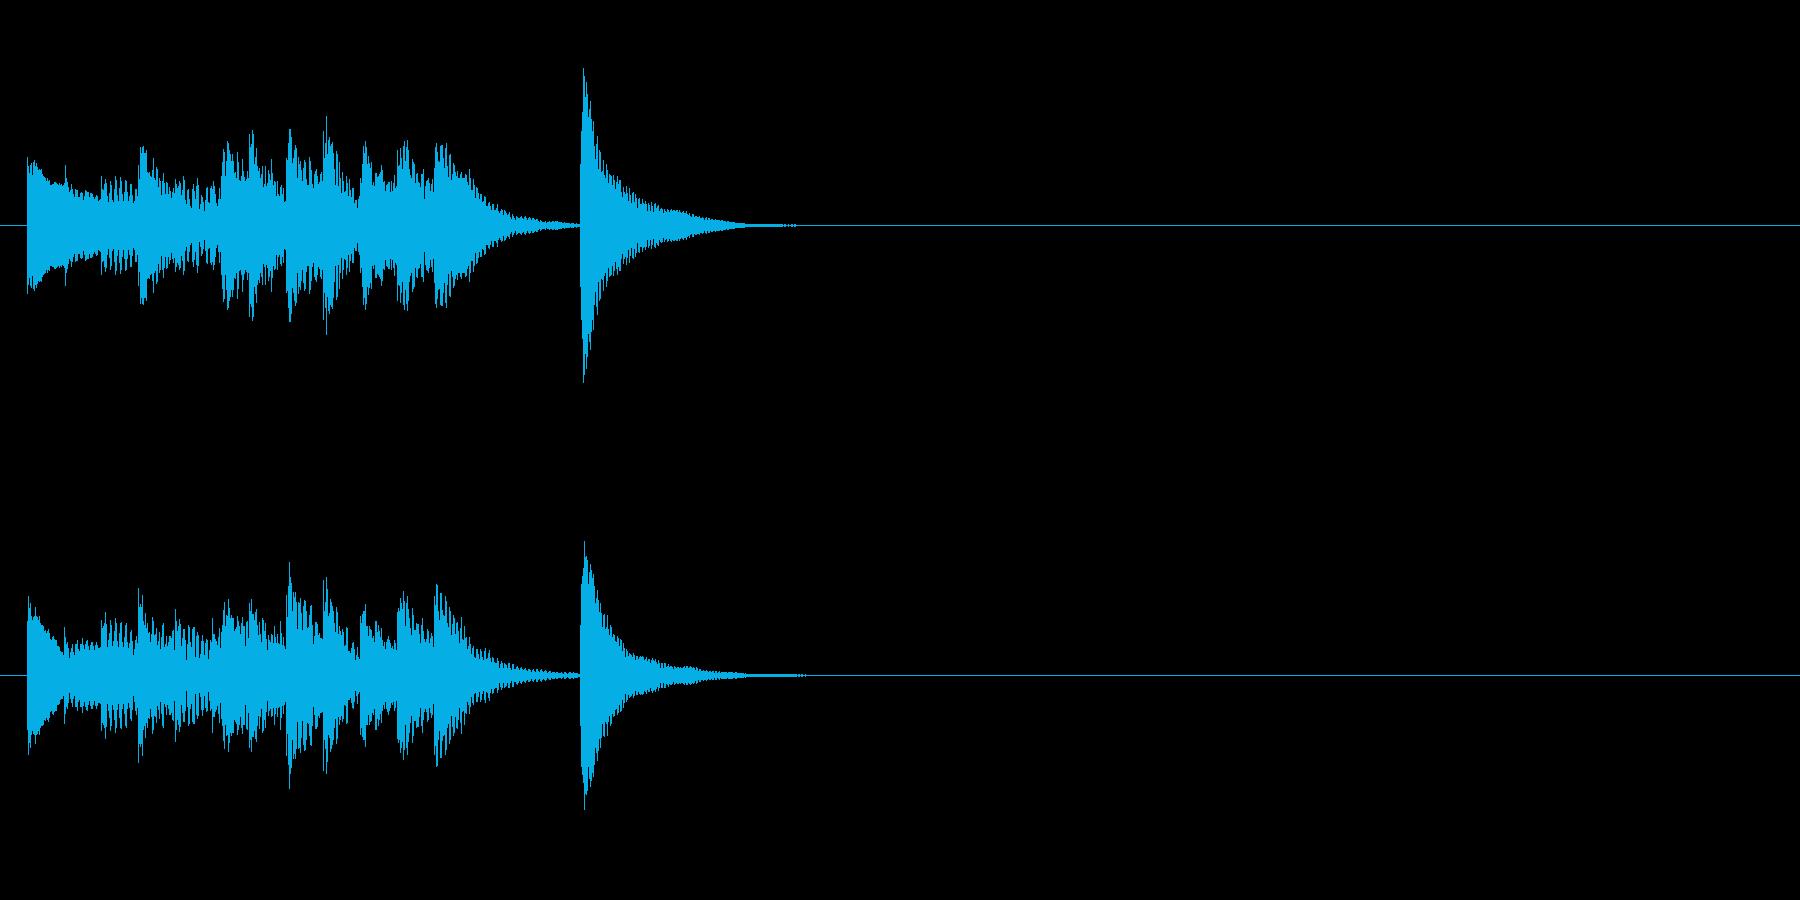 木琴のシンプルなジングル4の再生済みの波形